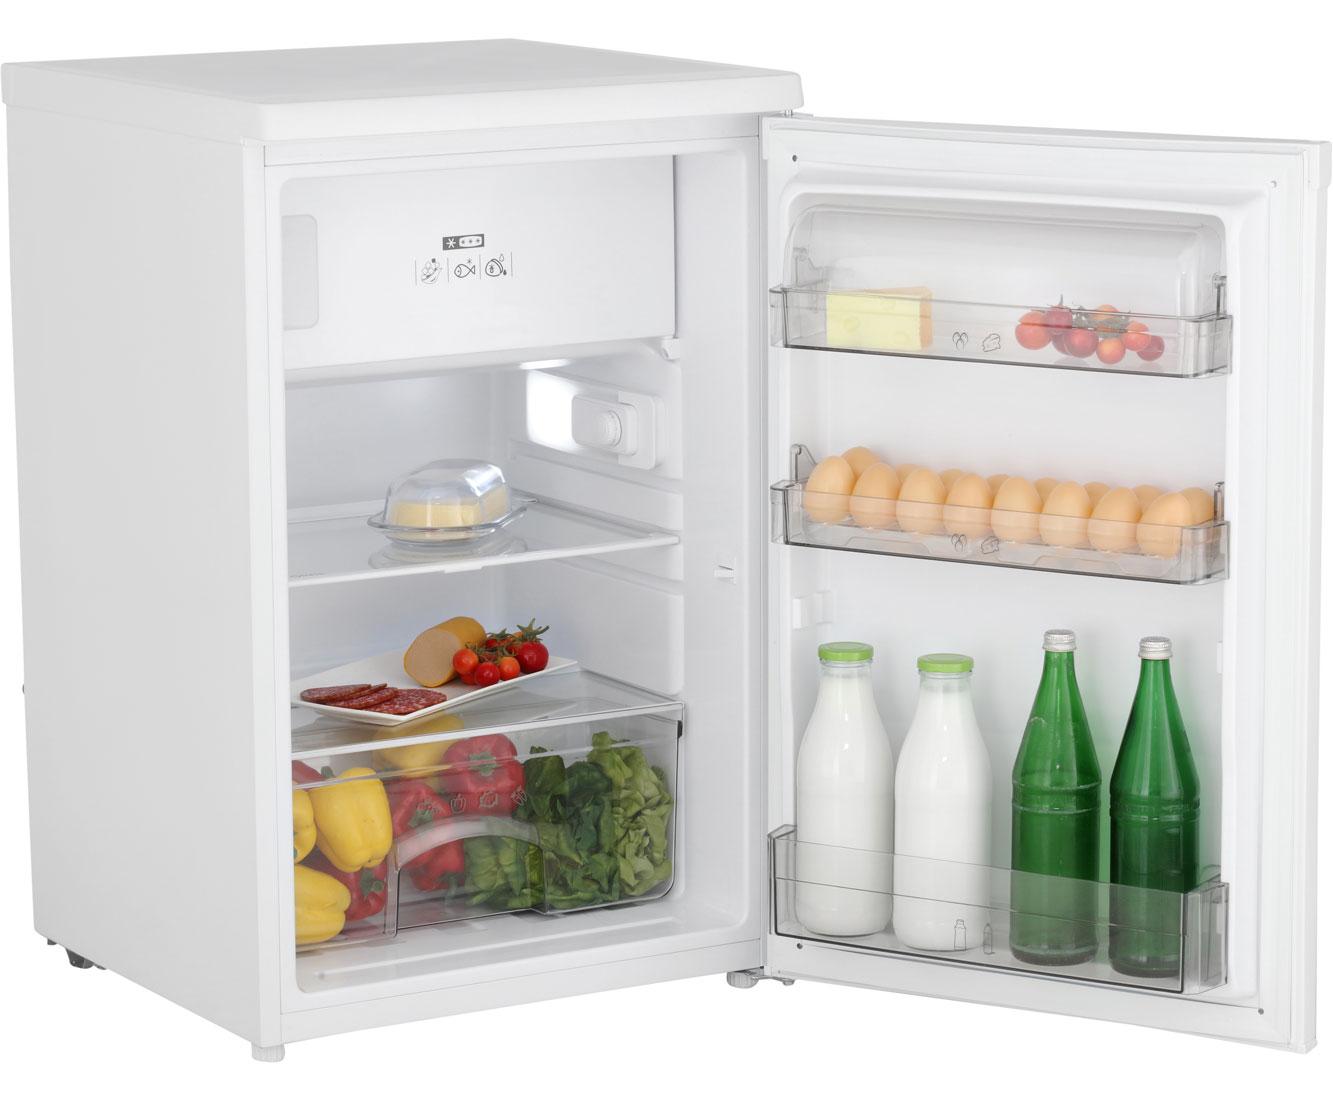 Bomann Mini Kühlschrank Test : Kühlschrank ohne gefrierfach klein kühlschränke v zug ag schweiz